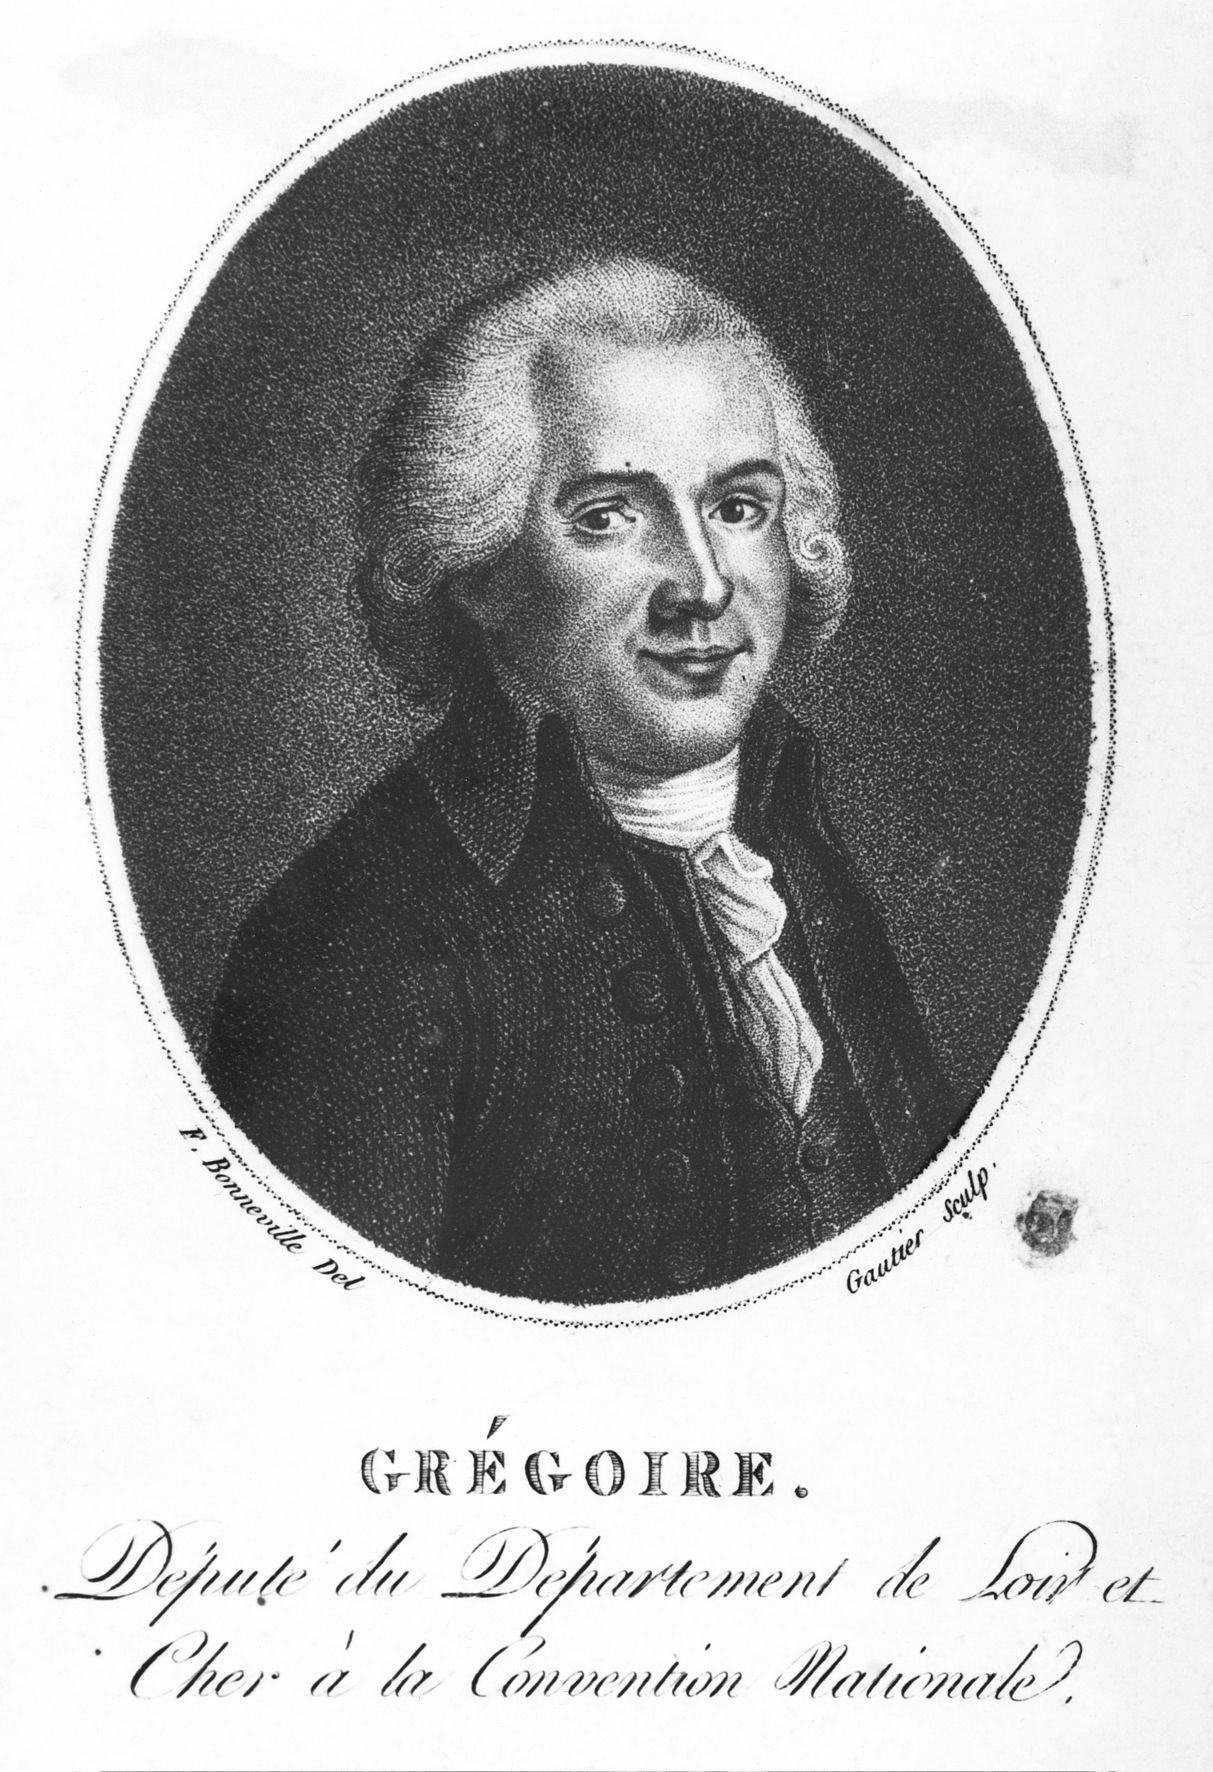 abbé greg